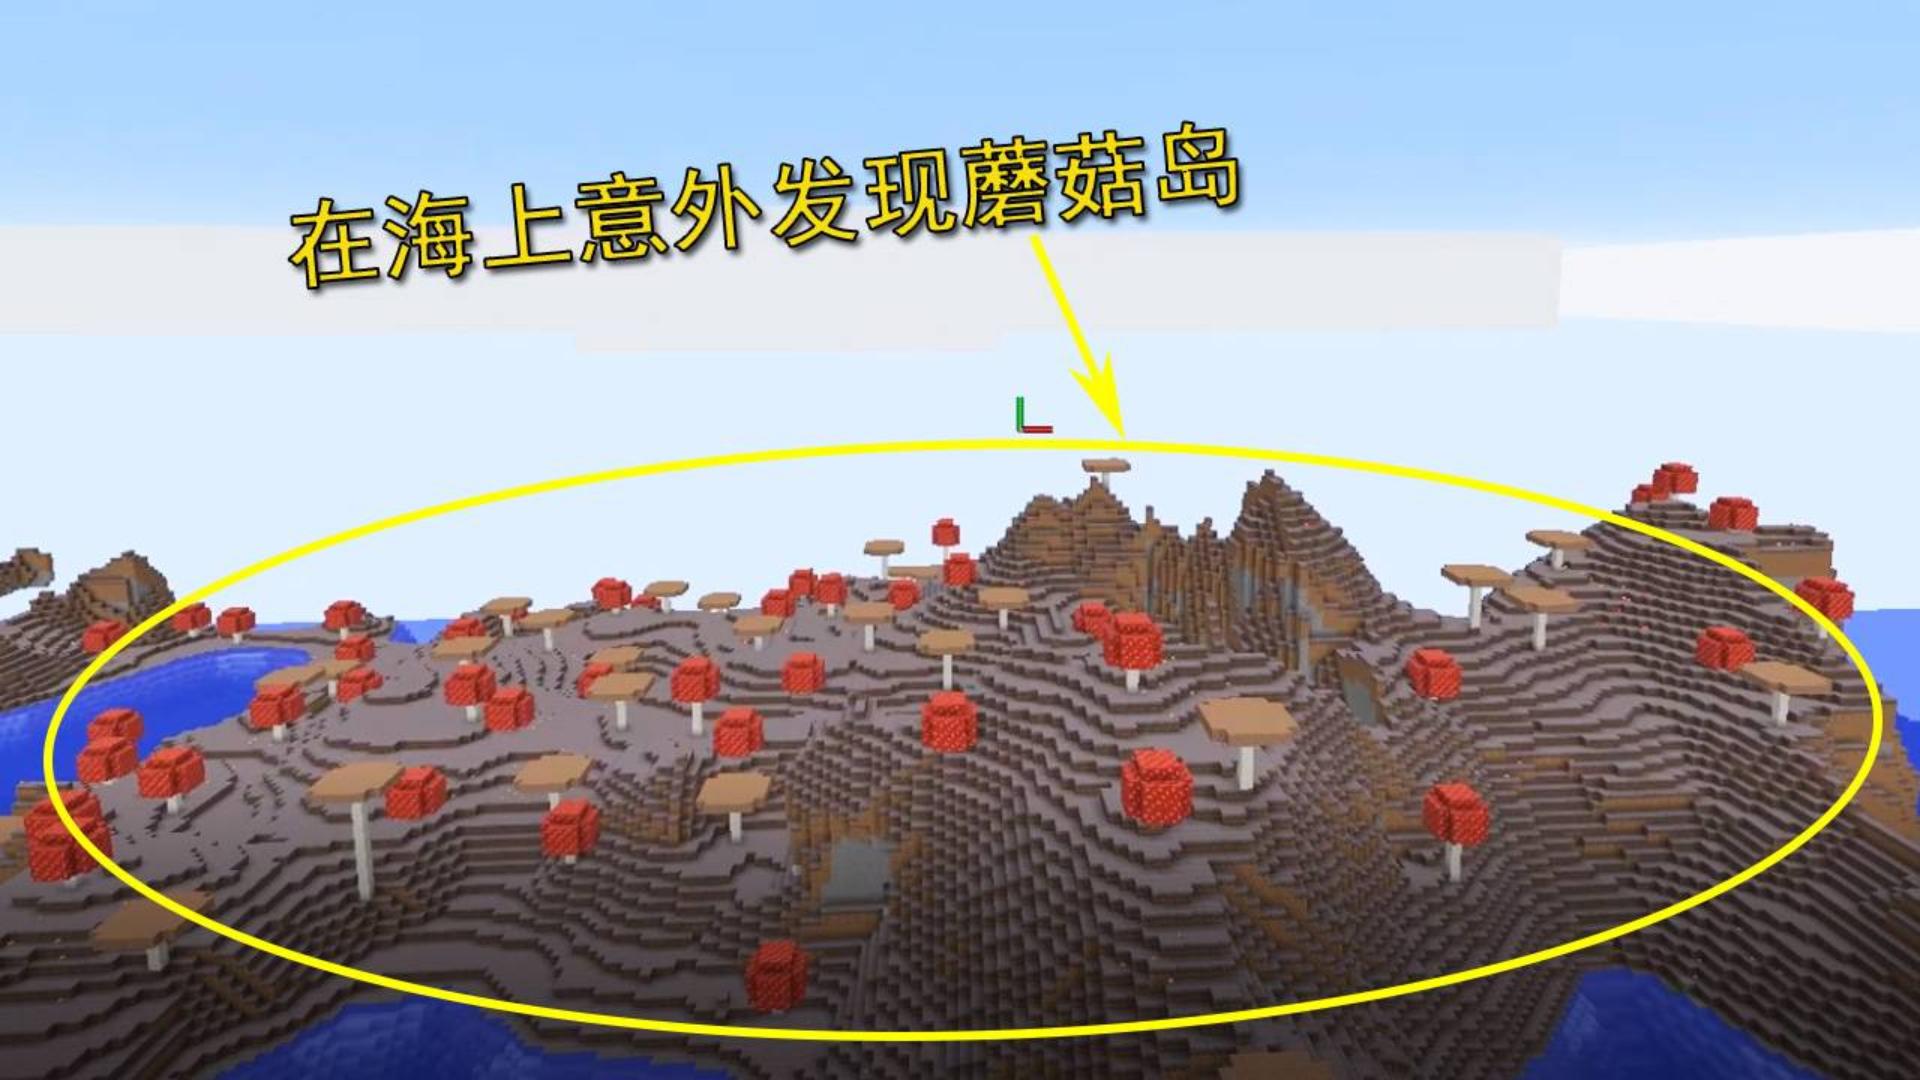 我的世界多人联机186:零零幺打算和迪哥会合,意外发现了蘑菇岛